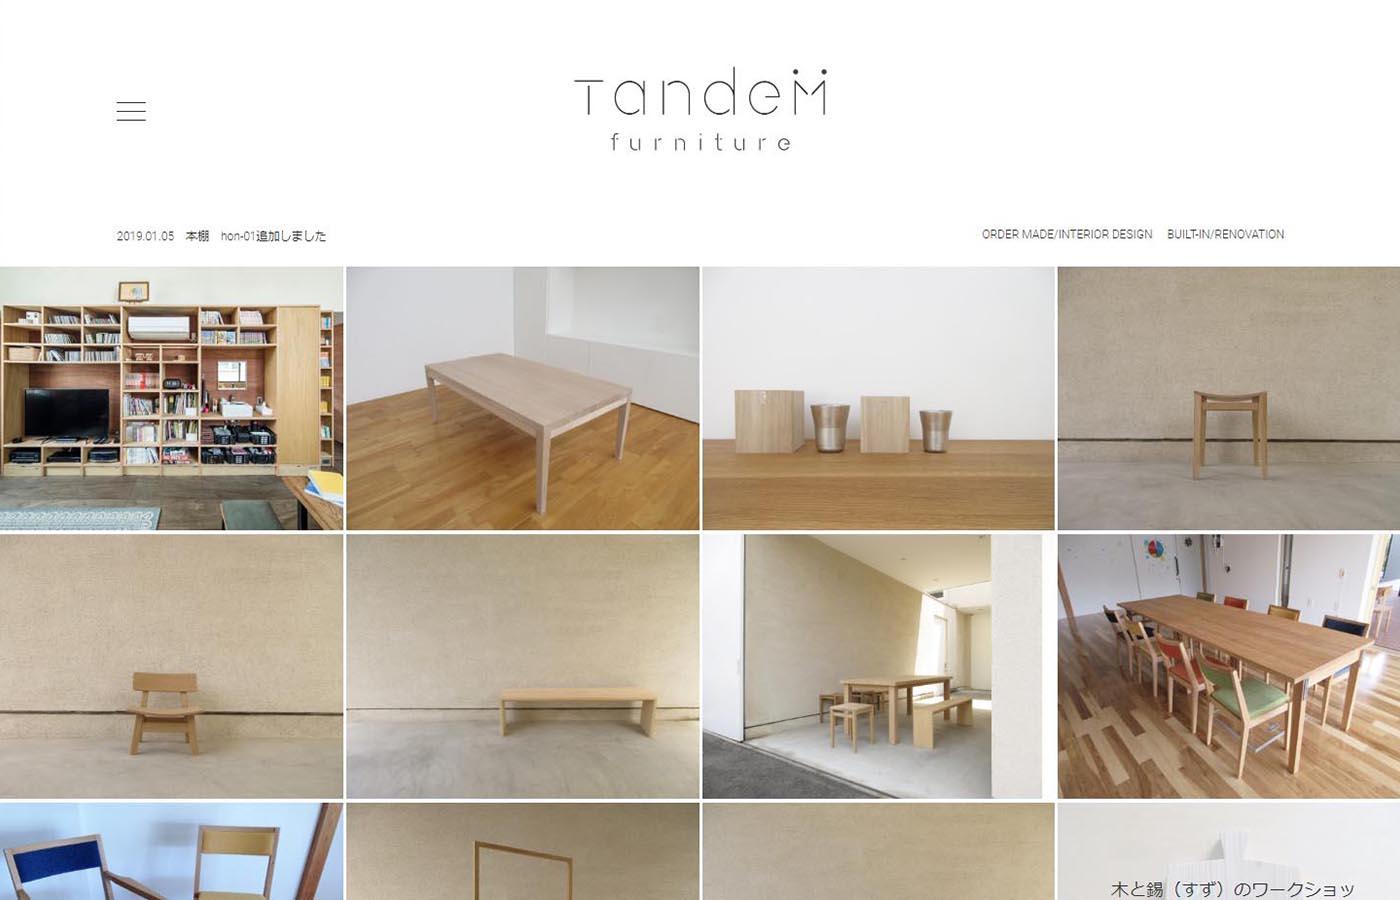 家具の設計・製作・販売 tandem furniture